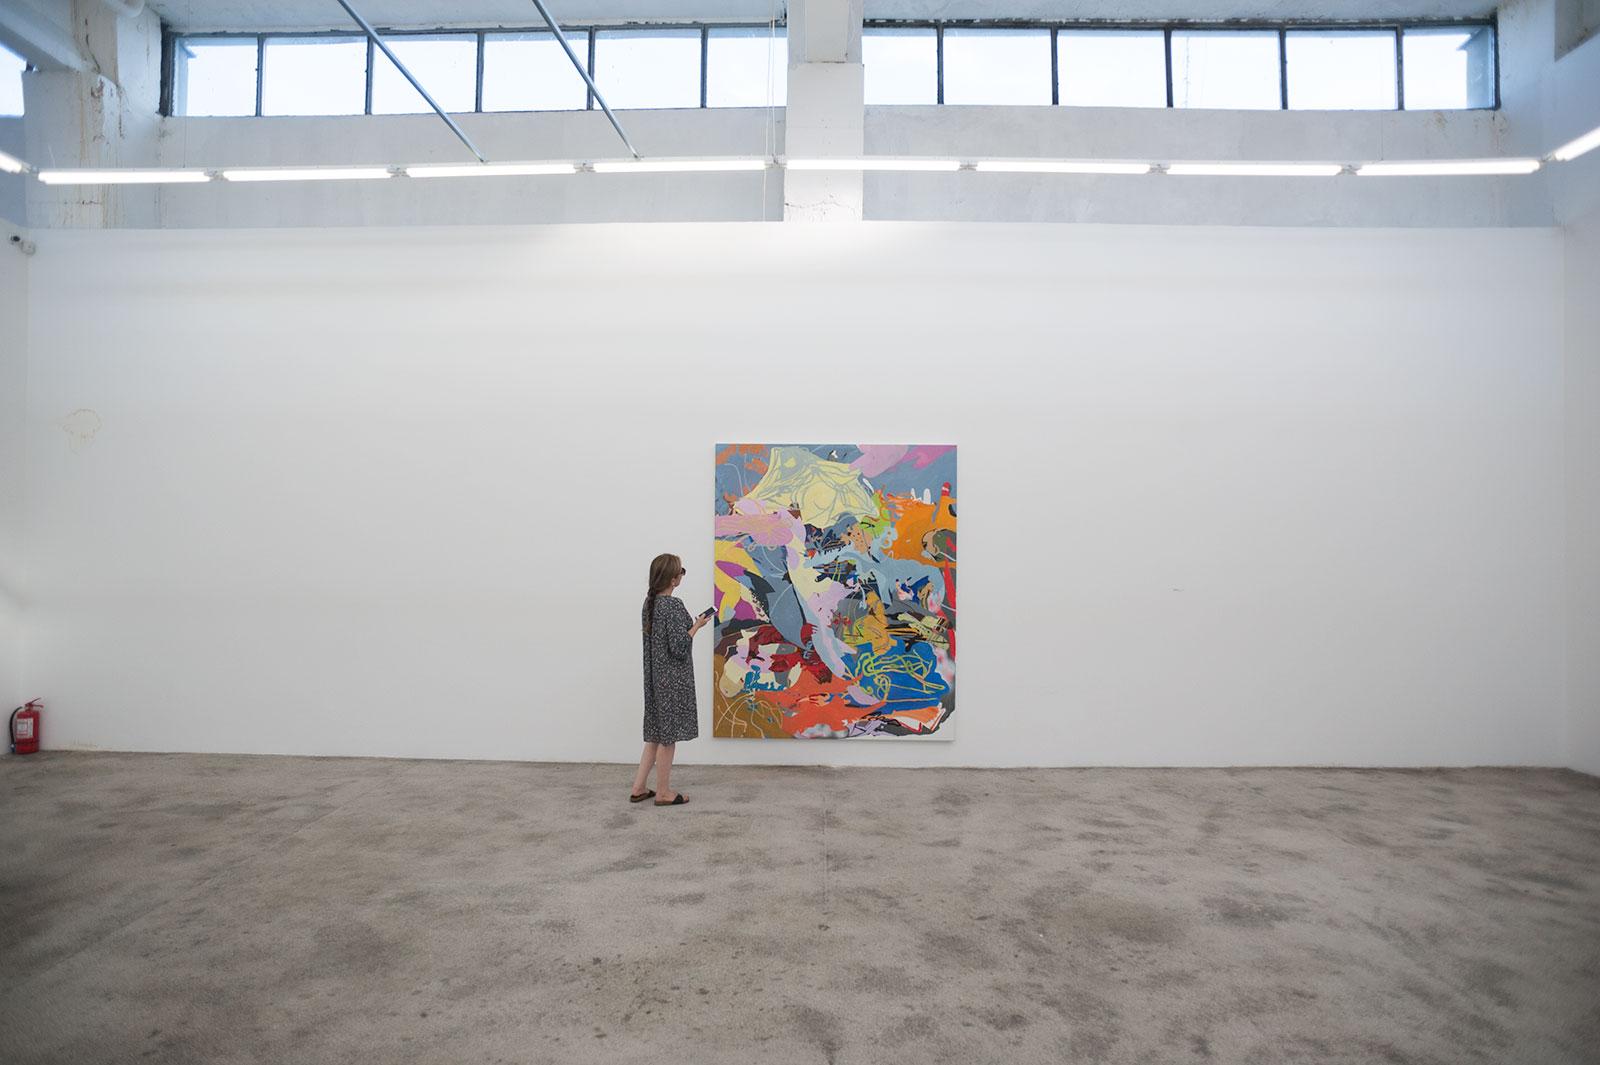 Kolonie Wedding | Berlin Contemporary Art in Romania, Centrul de interes